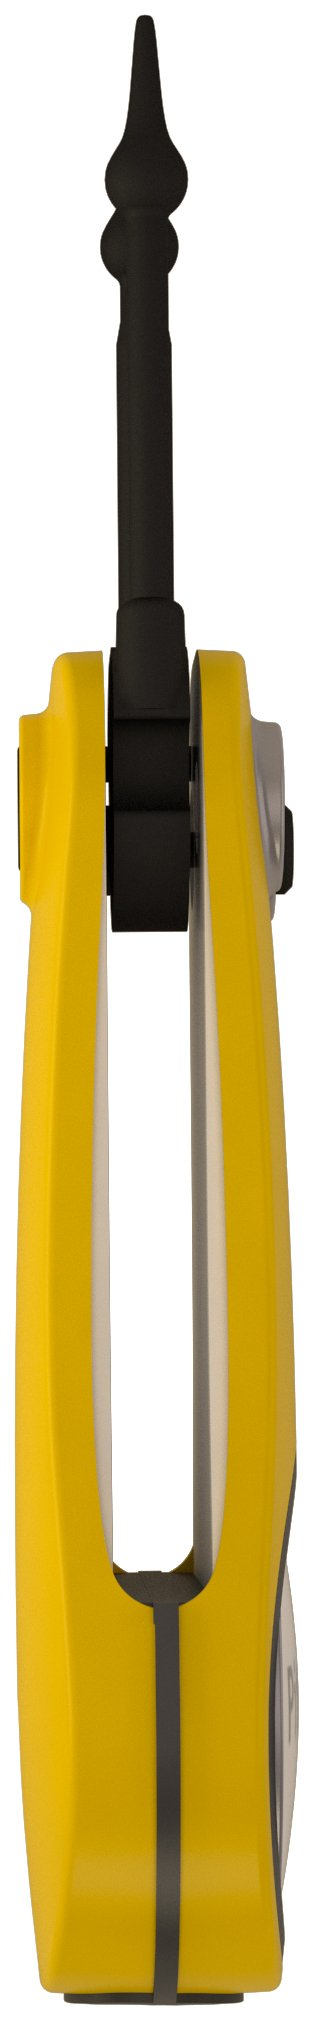 Pitchfix Fusion 2.5 Pin, Yellow/White by Pitchfix (Image #7)